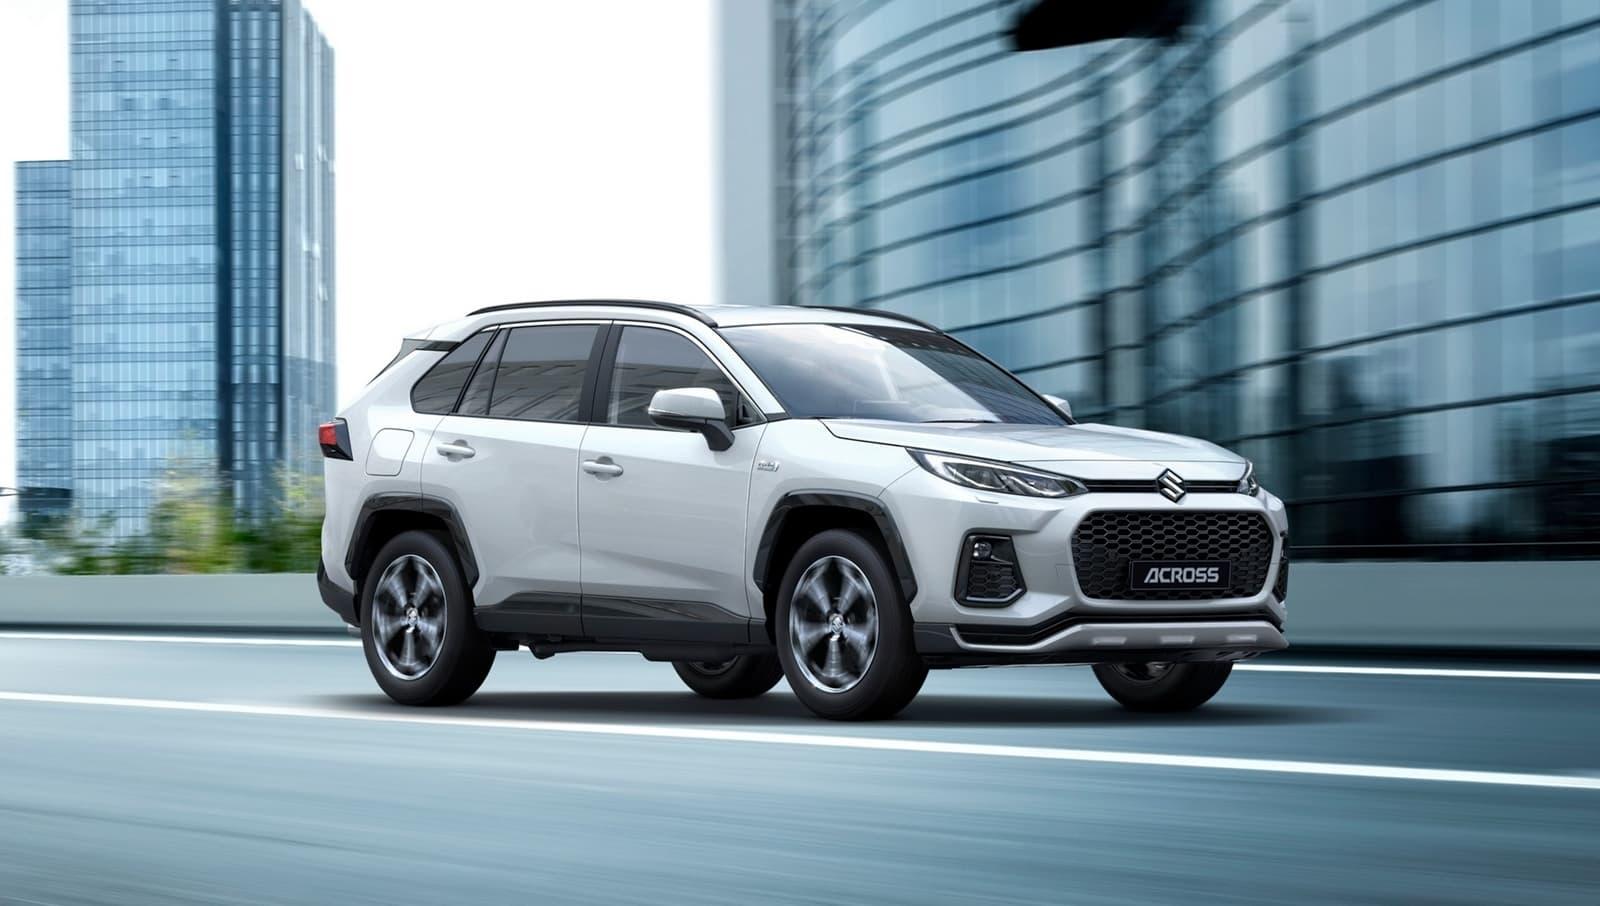 Suzuki Across 2021 0620 005